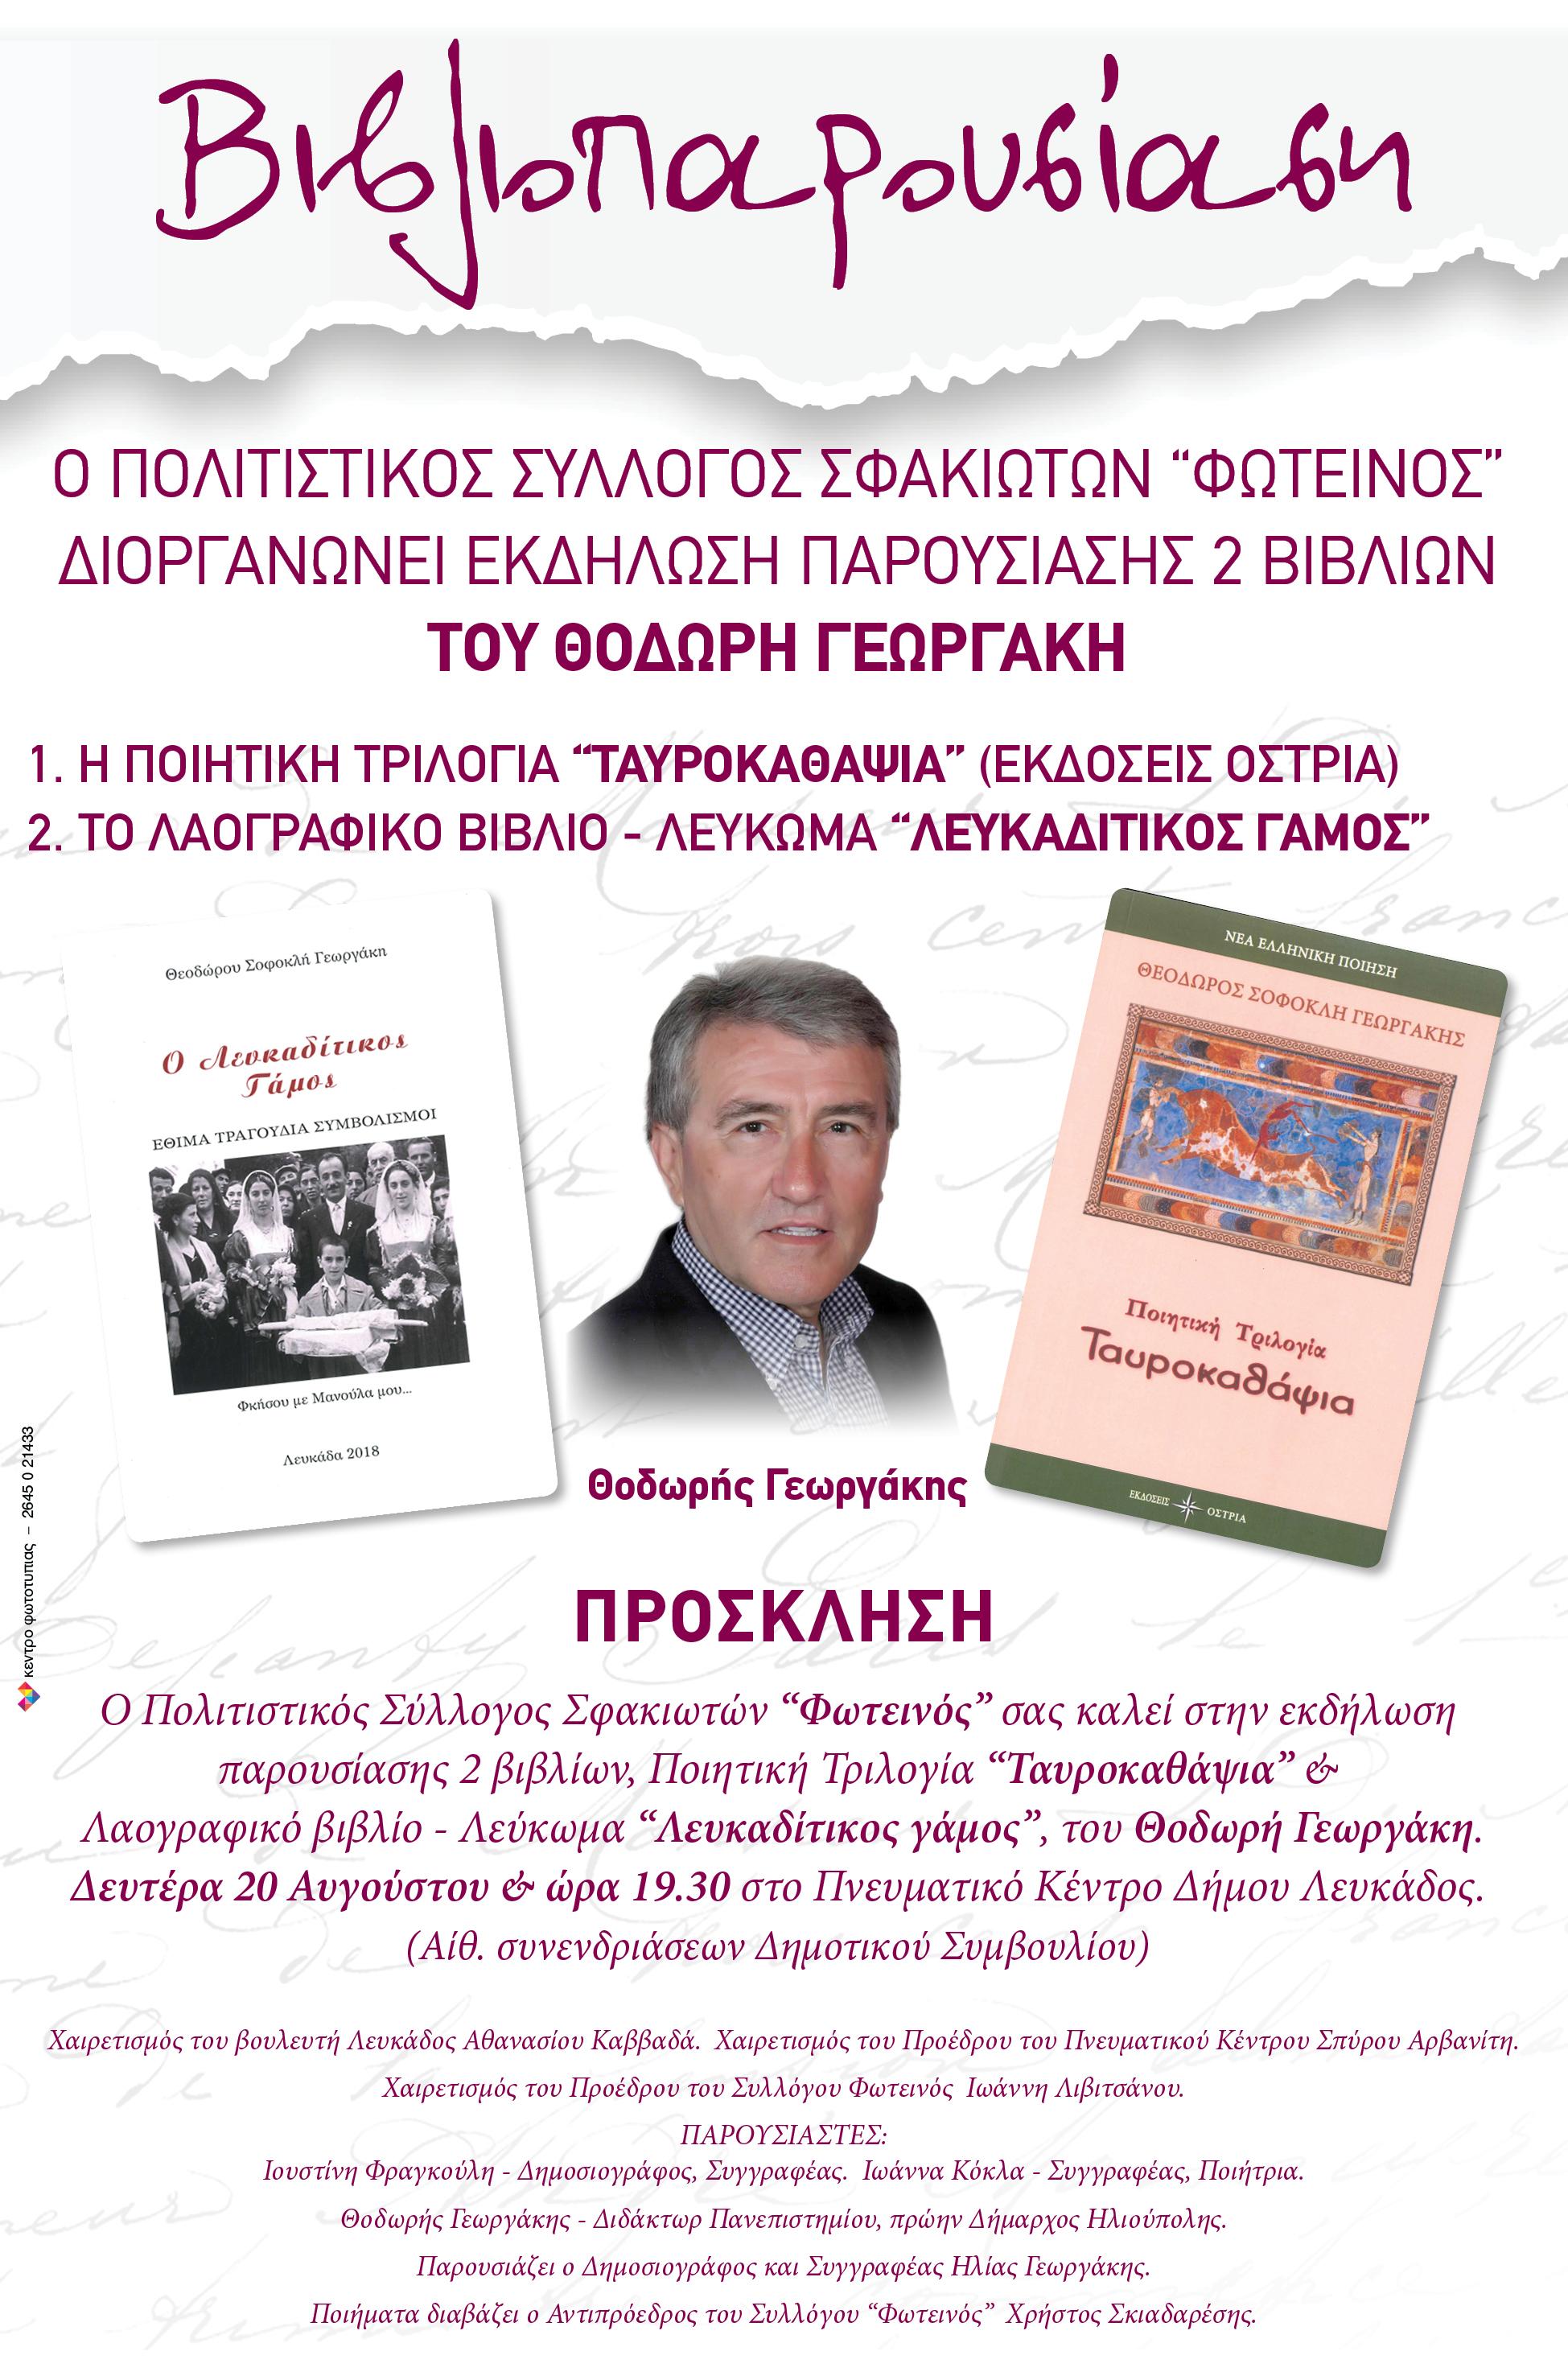 vivlia_thodori_georgaki